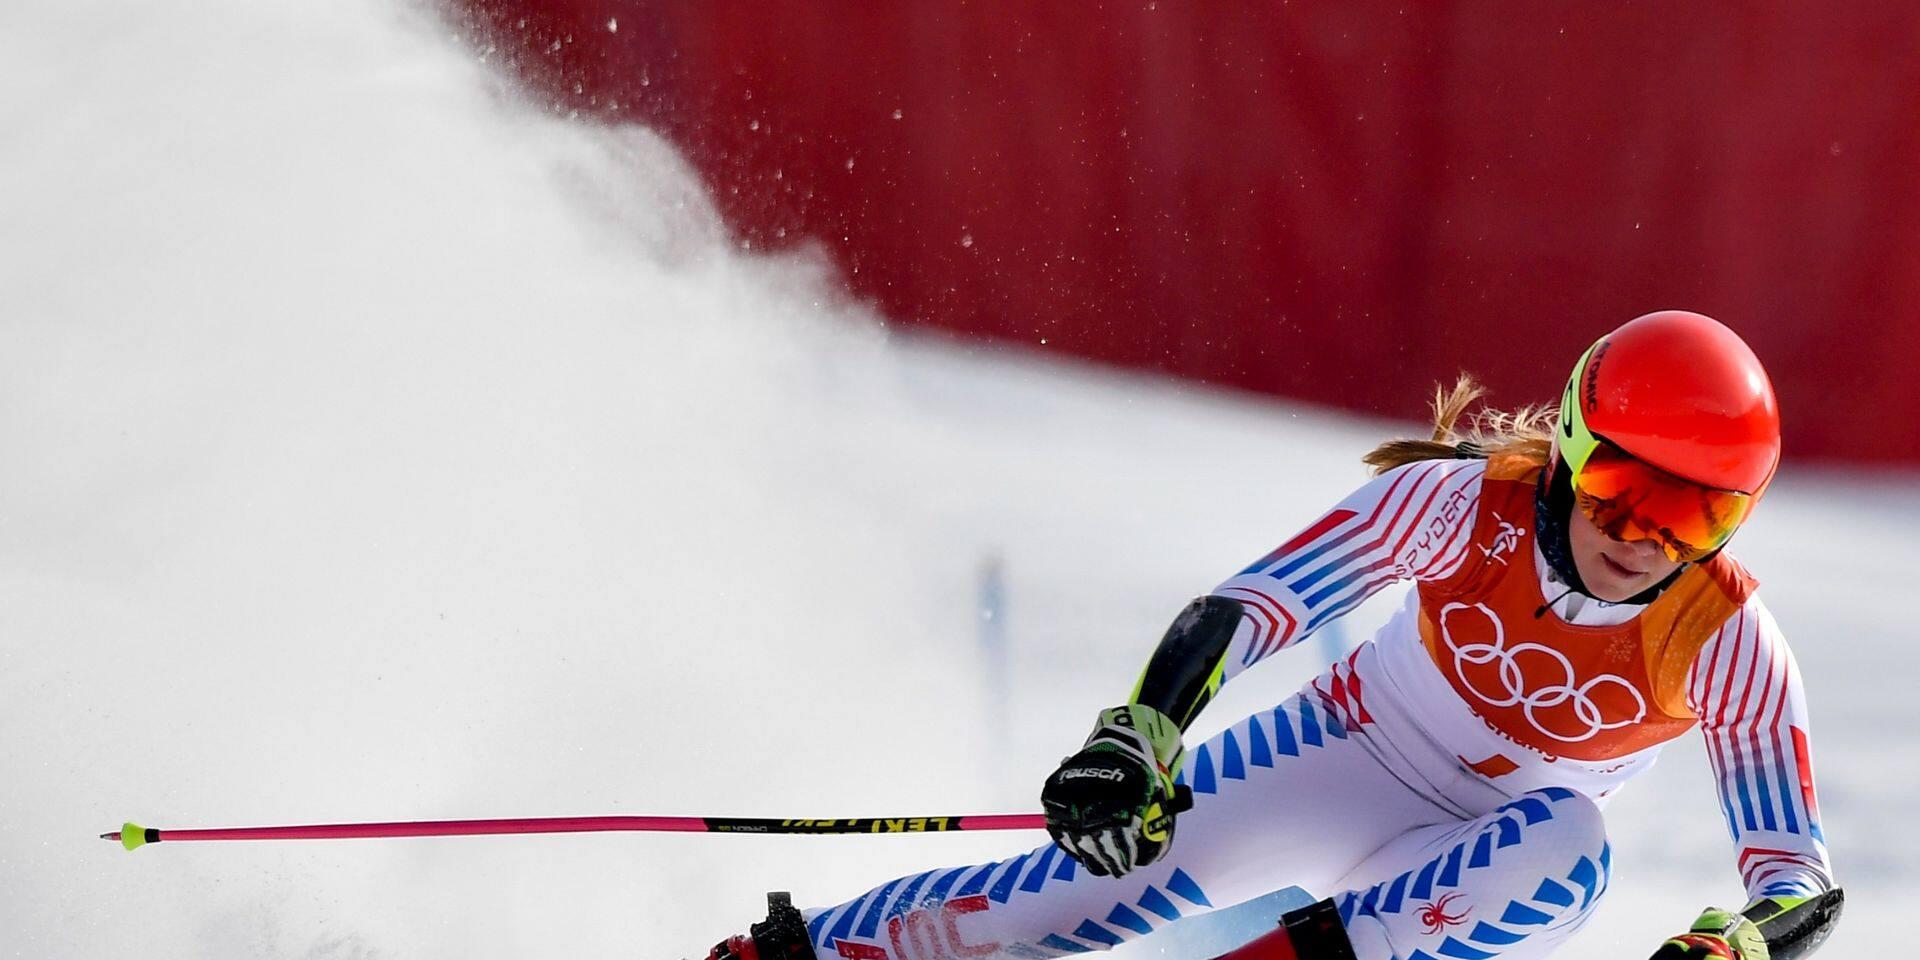 Coupe du monde de ski alpin: Mikaela Shiffrin revient à la compétition après 300 jours d'absence